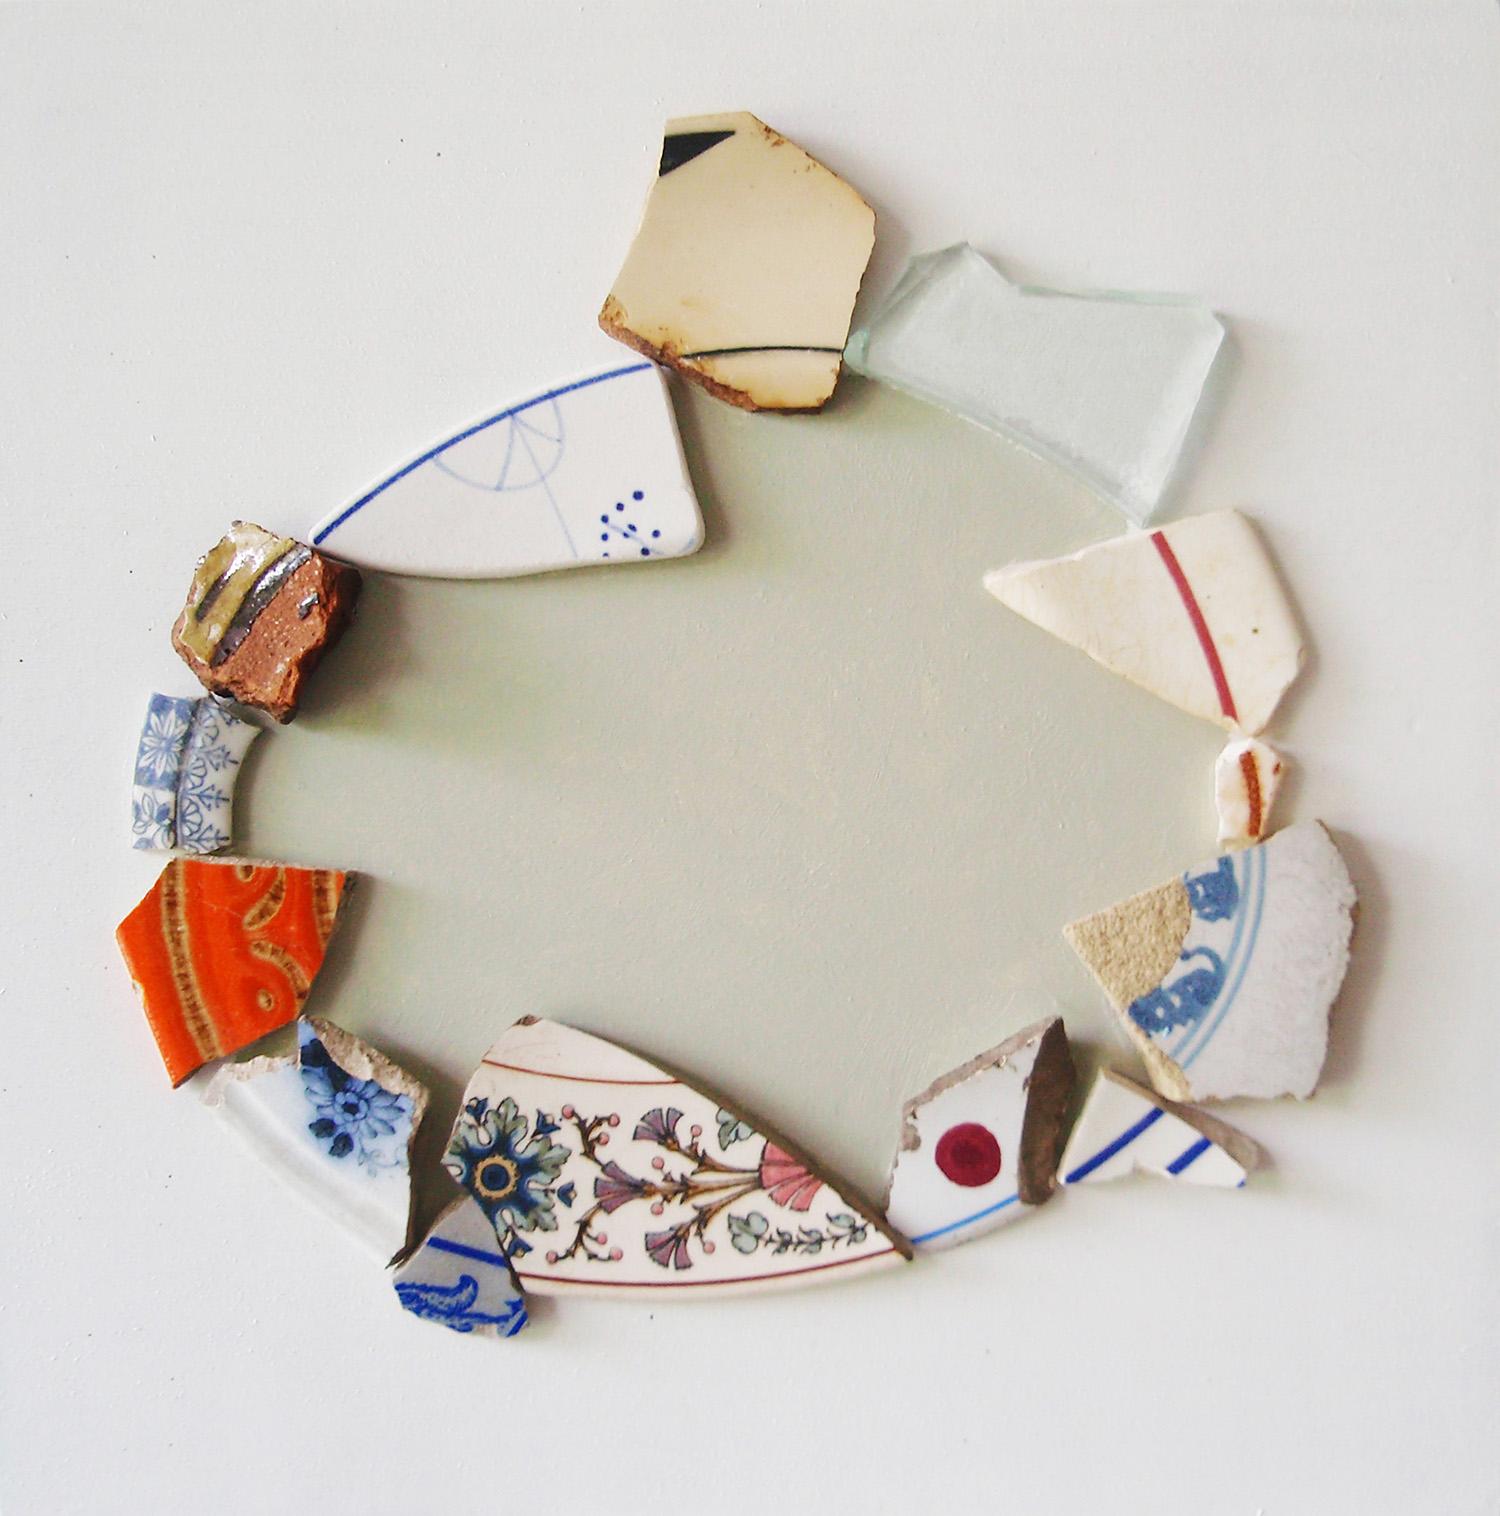 Scherbenteller, Scherben-Fundstücke auf farbiger Holzplatte, 25x25 cm, 2008